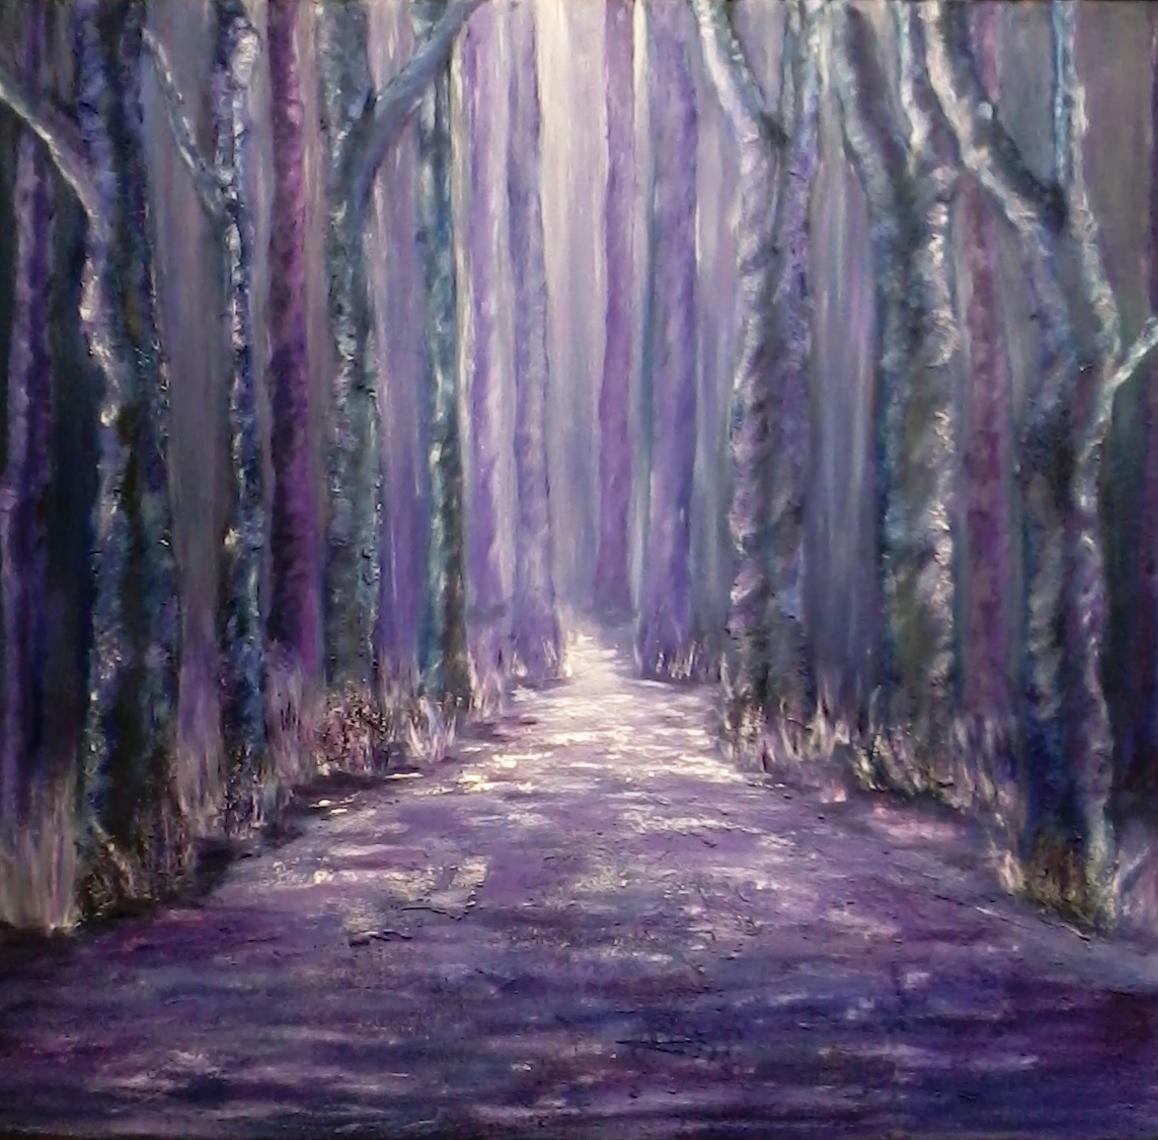 curso de dibujo y pintura Aula creativa docente mjbarrera Bosque